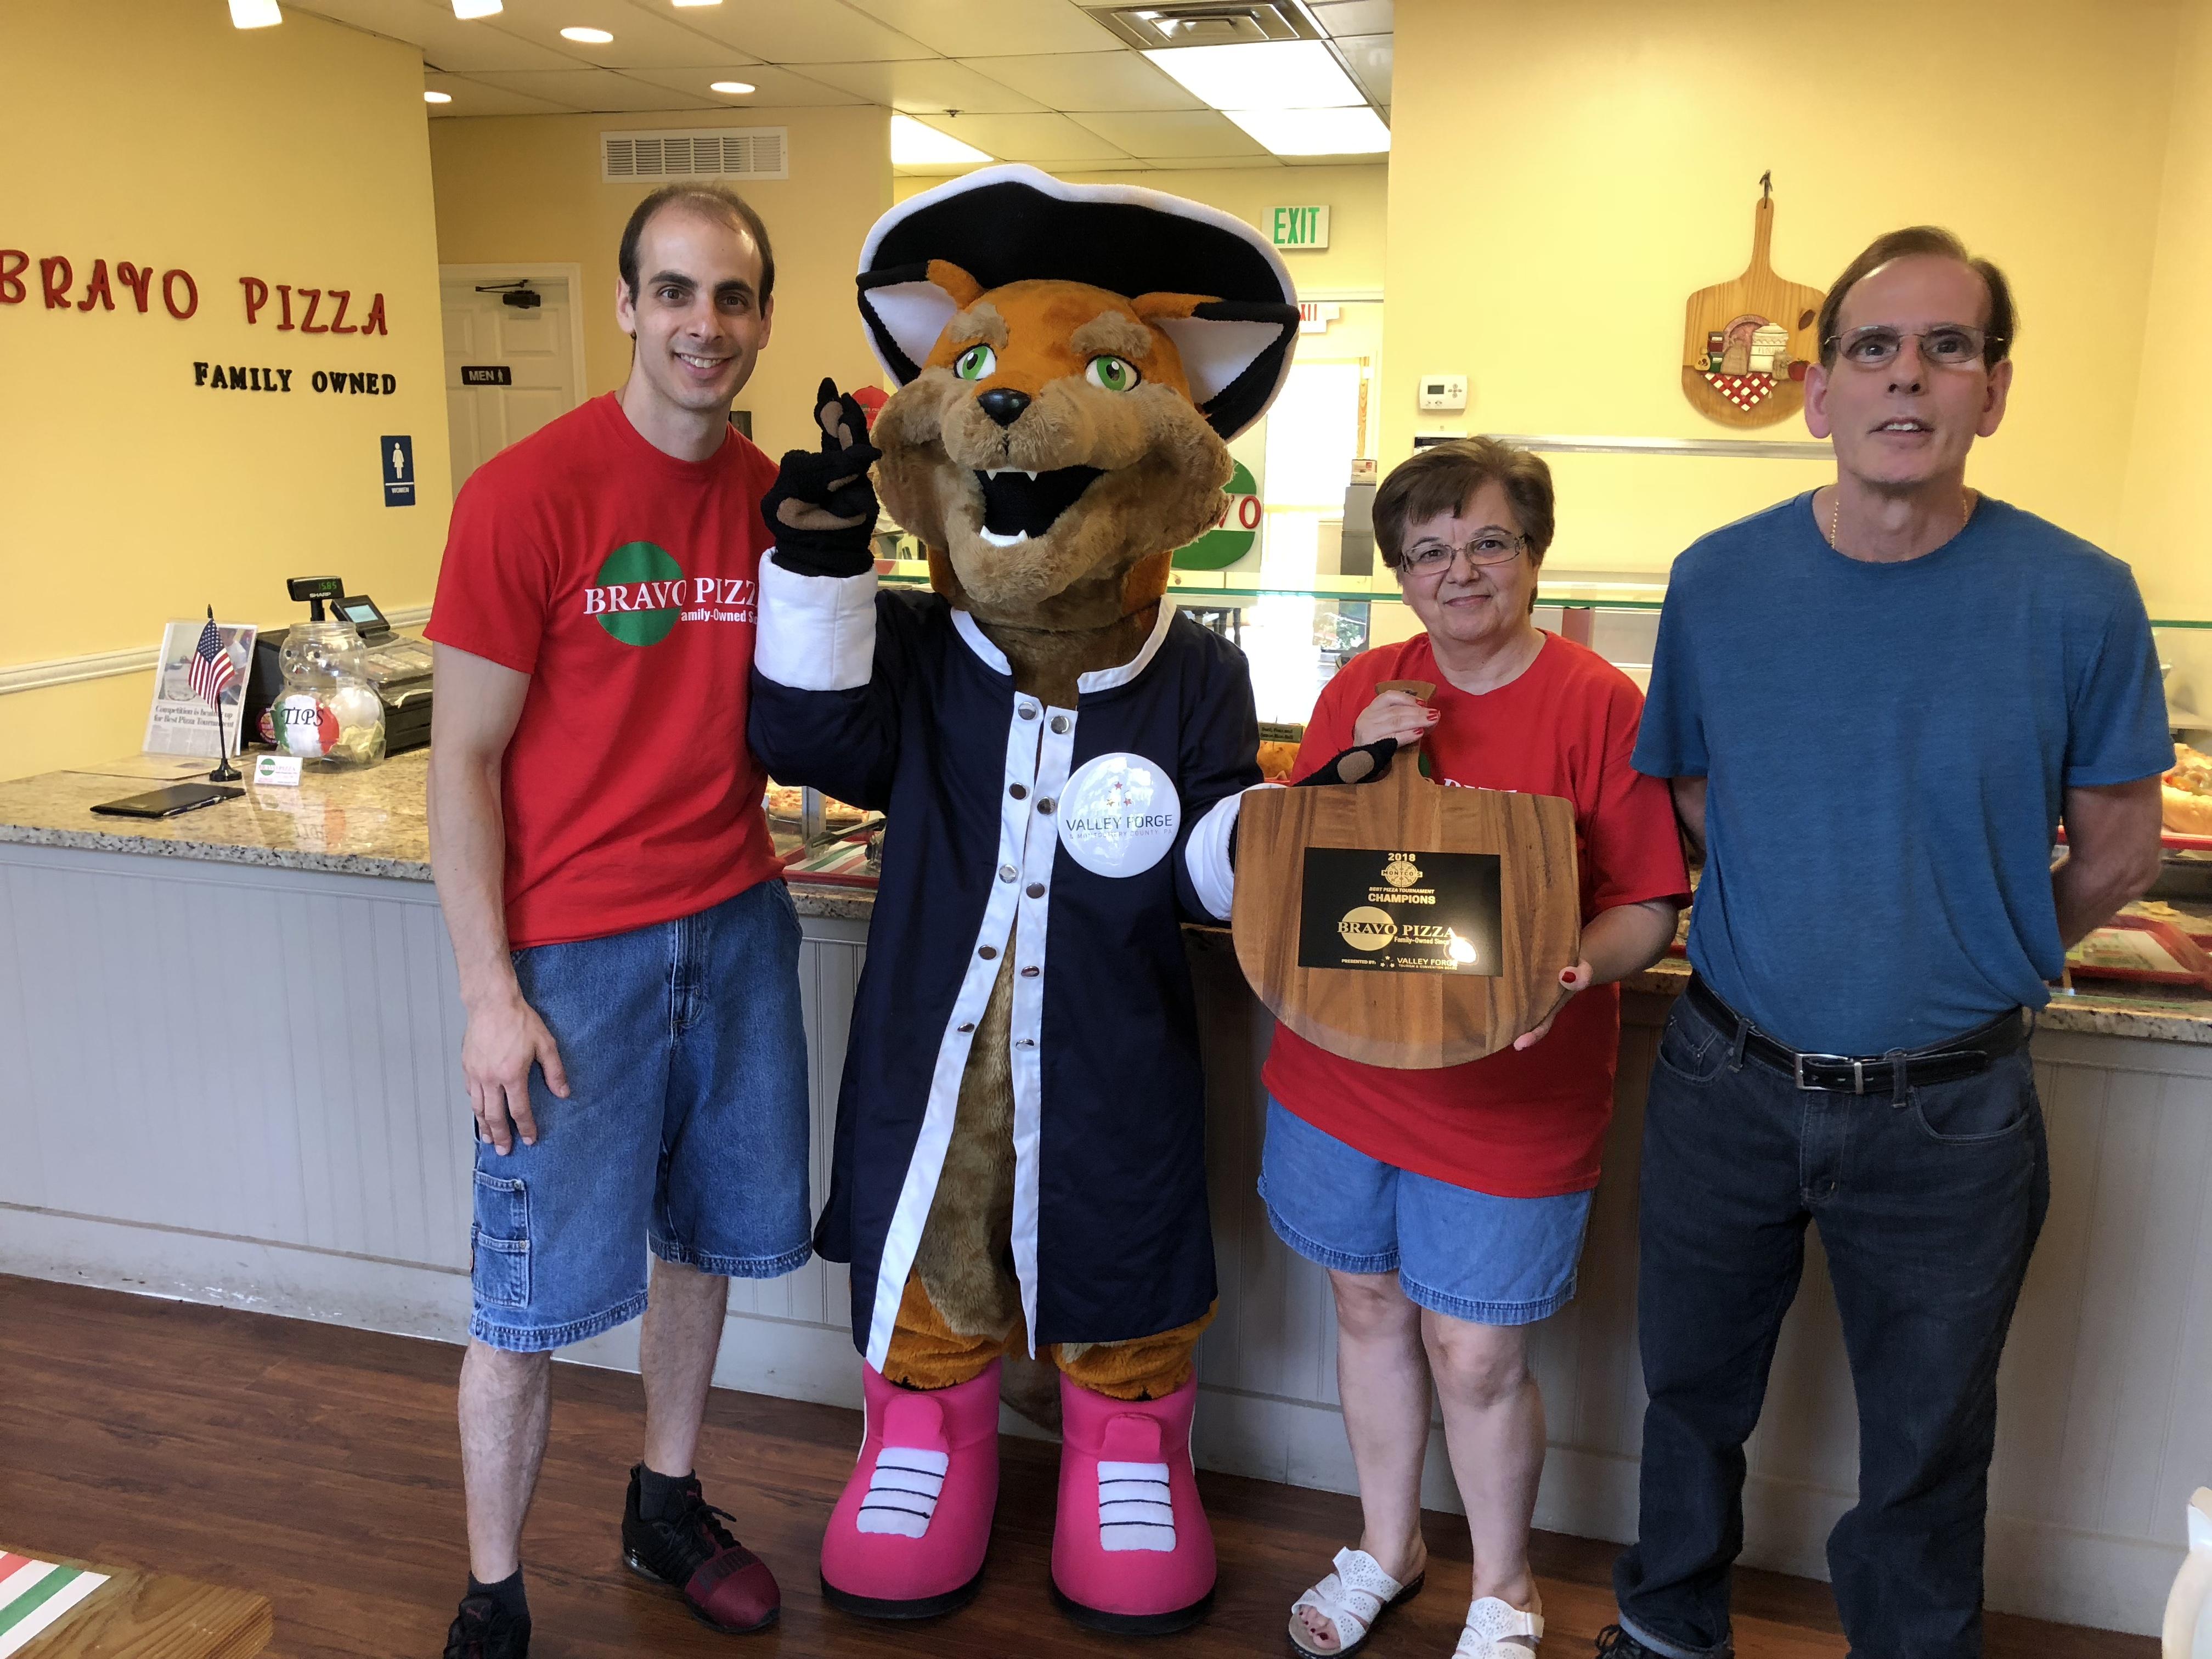 Montco's Best Pizza Tournament champ receives trophy